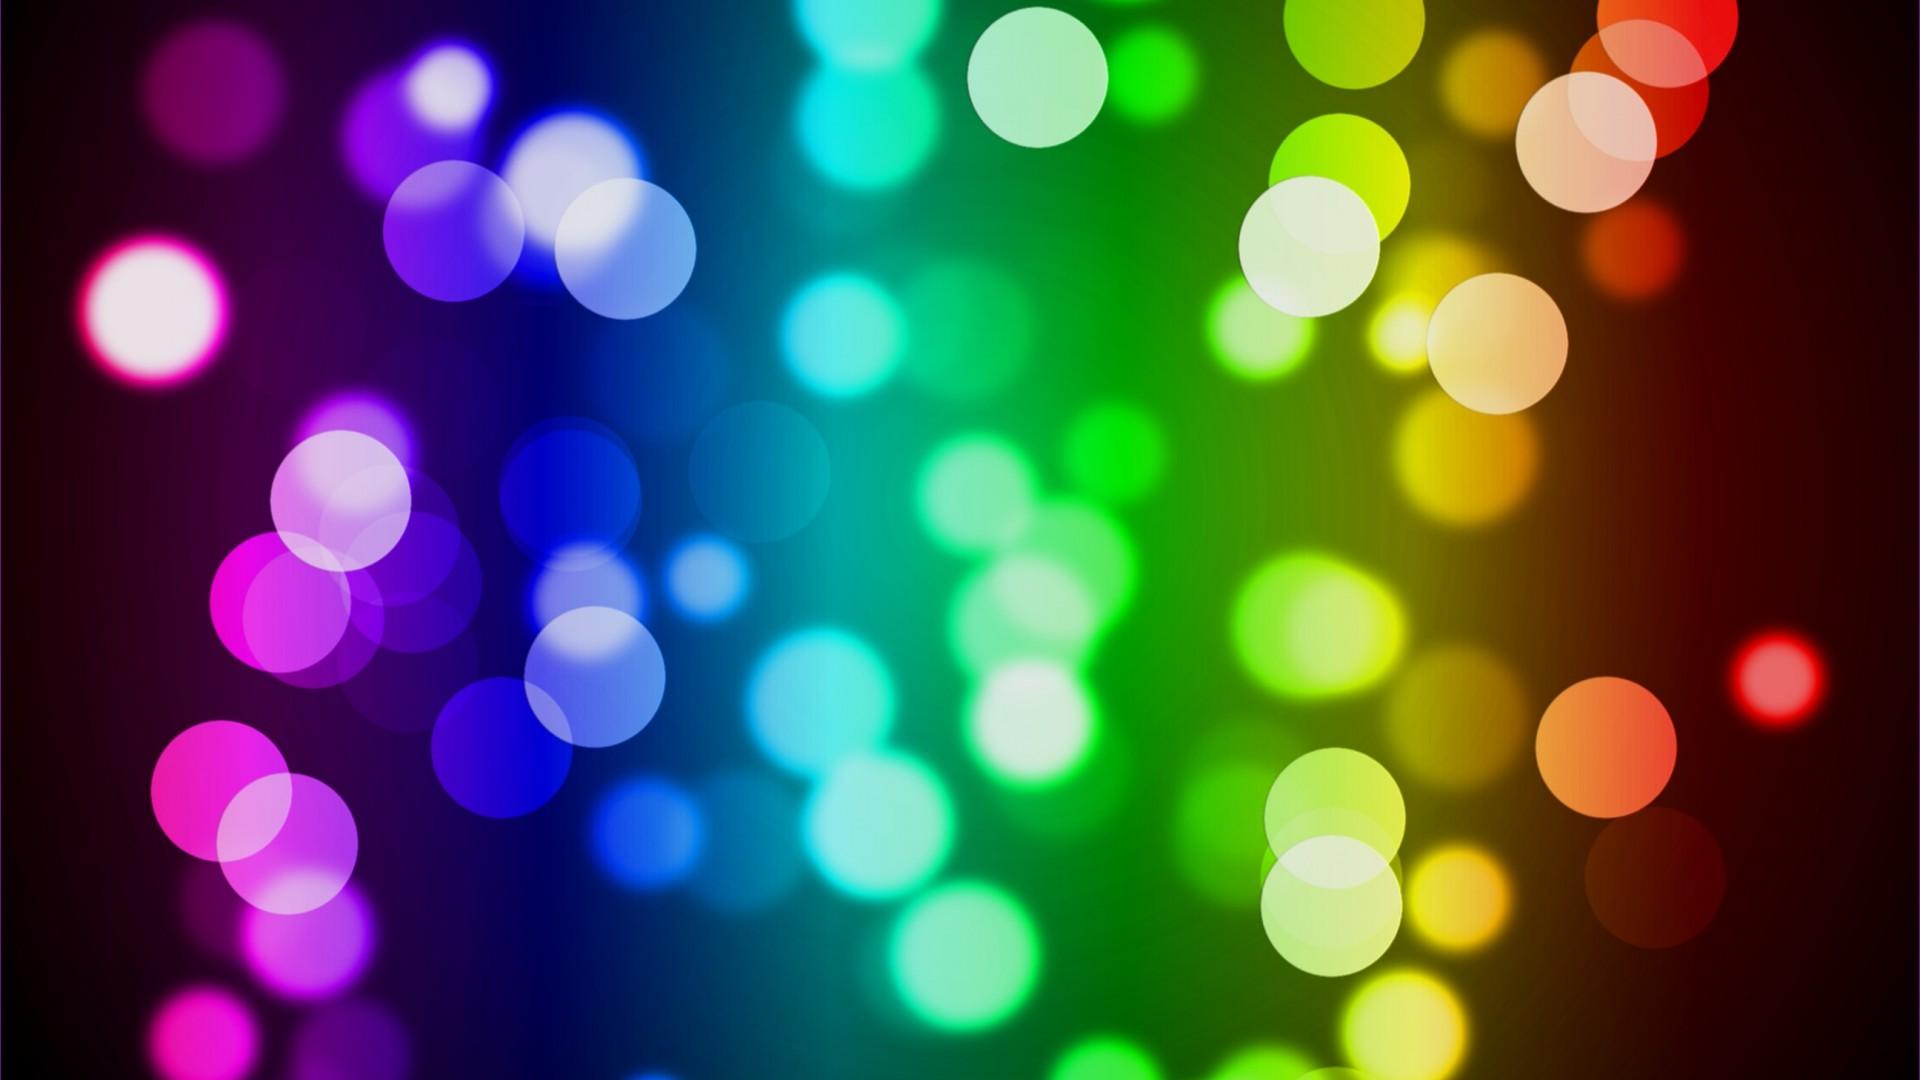 Colorful Bokeh HD Desktop Wallpaper HD Desktop Wallpaper 1920x1080